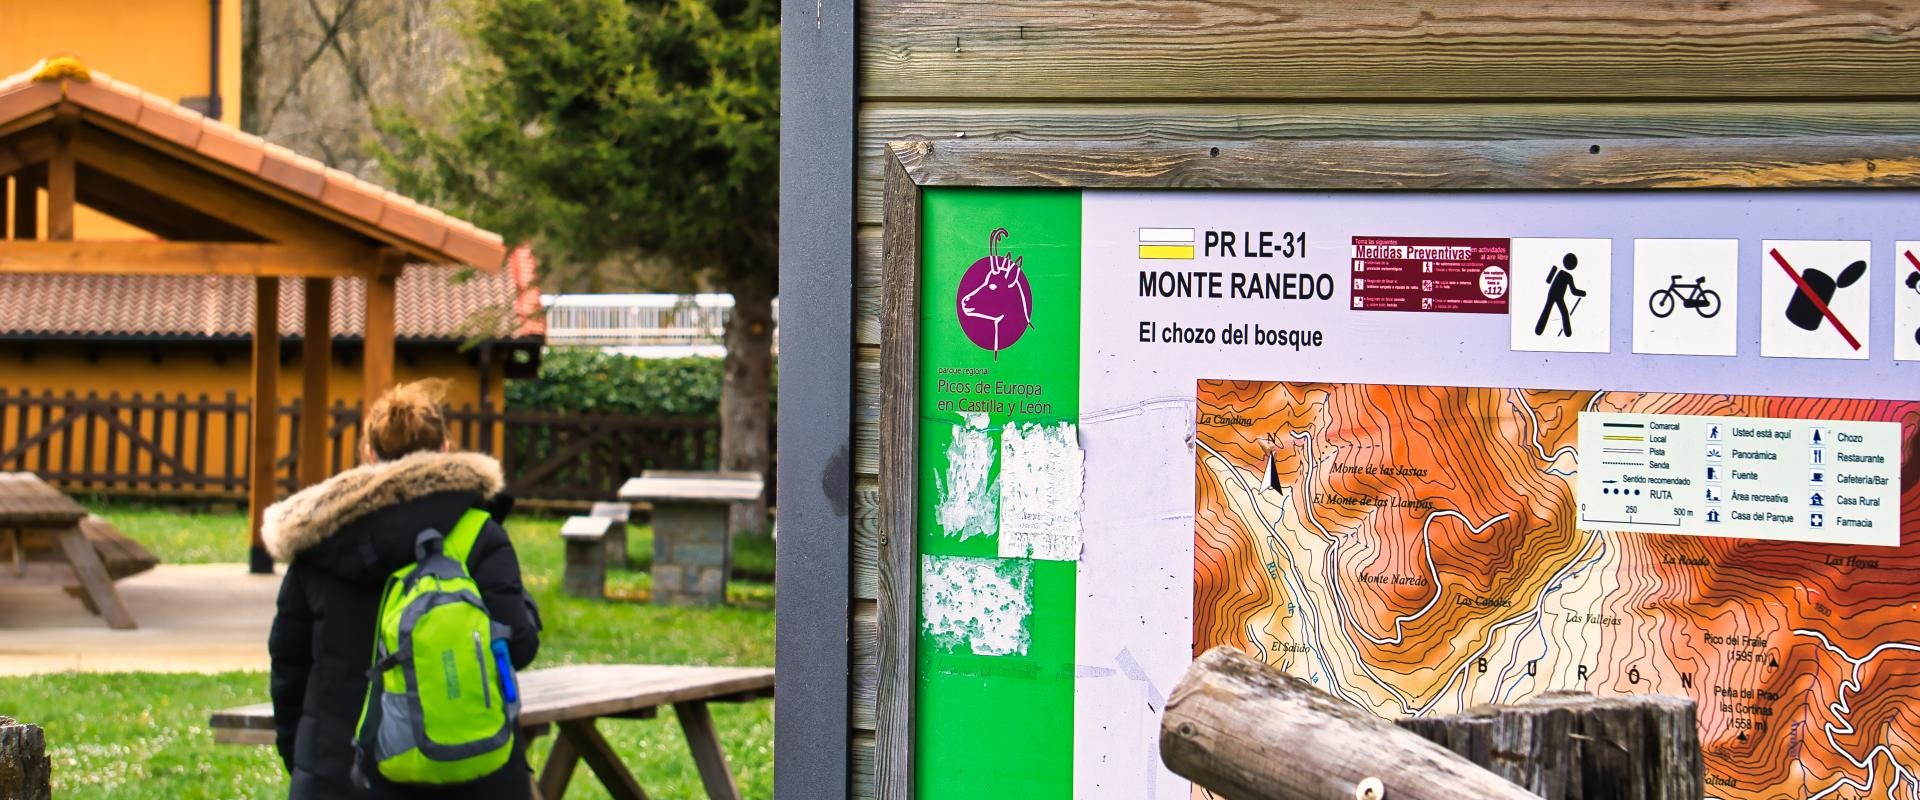 PR-LE 31 MONTE RANEDO (TURISMO MONTAÑA RIAÑO)